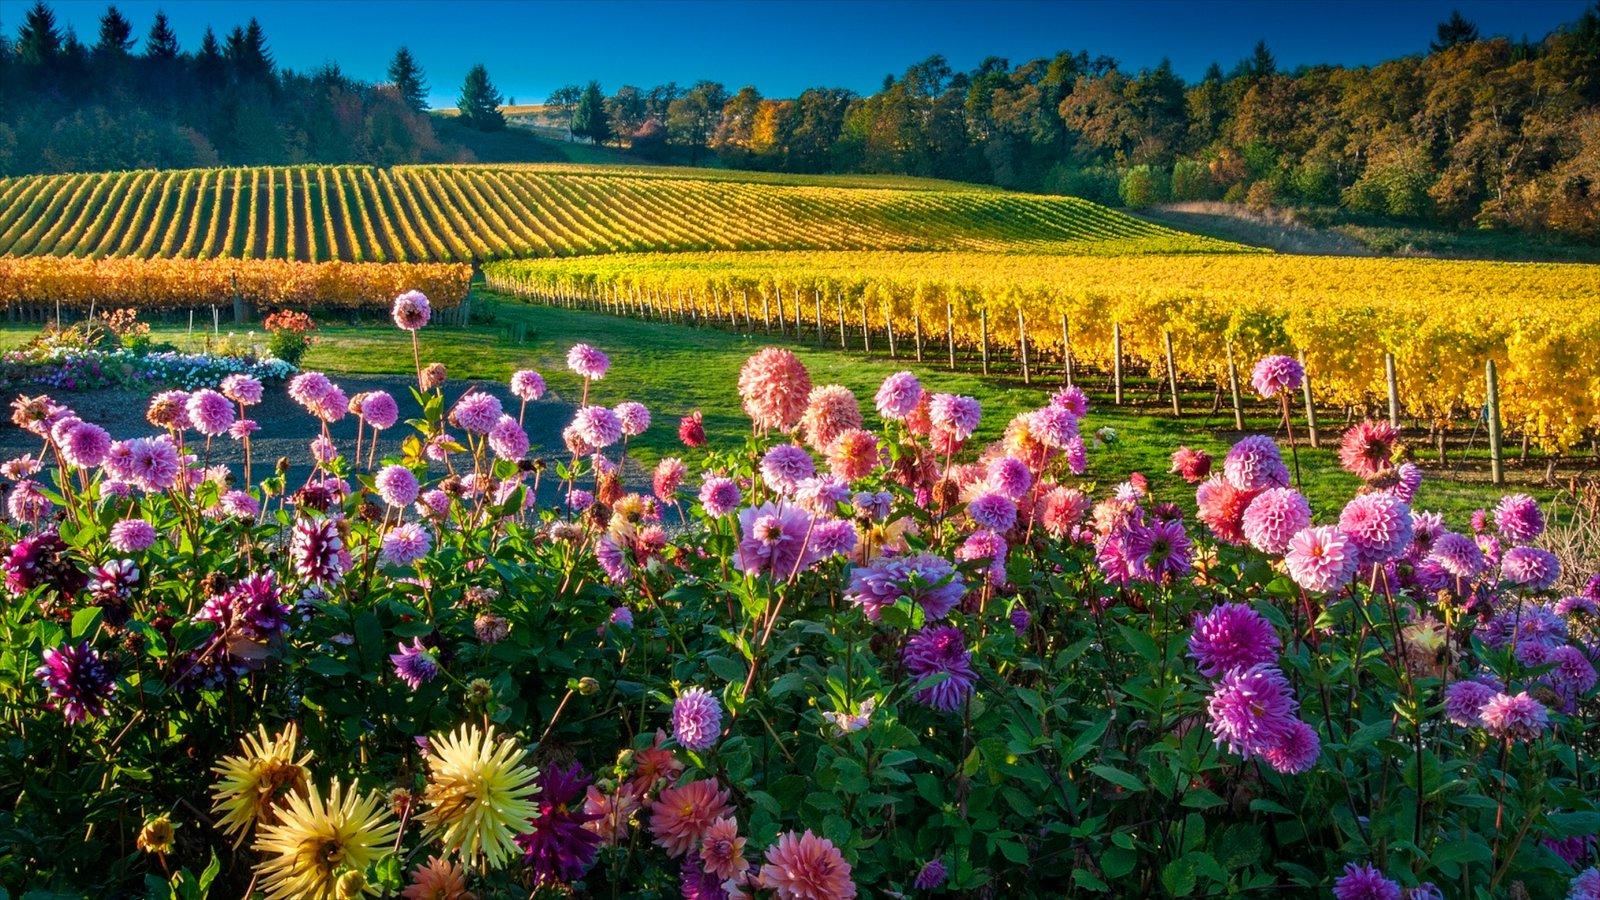 Salem mostrando flores y tierras de cultivo